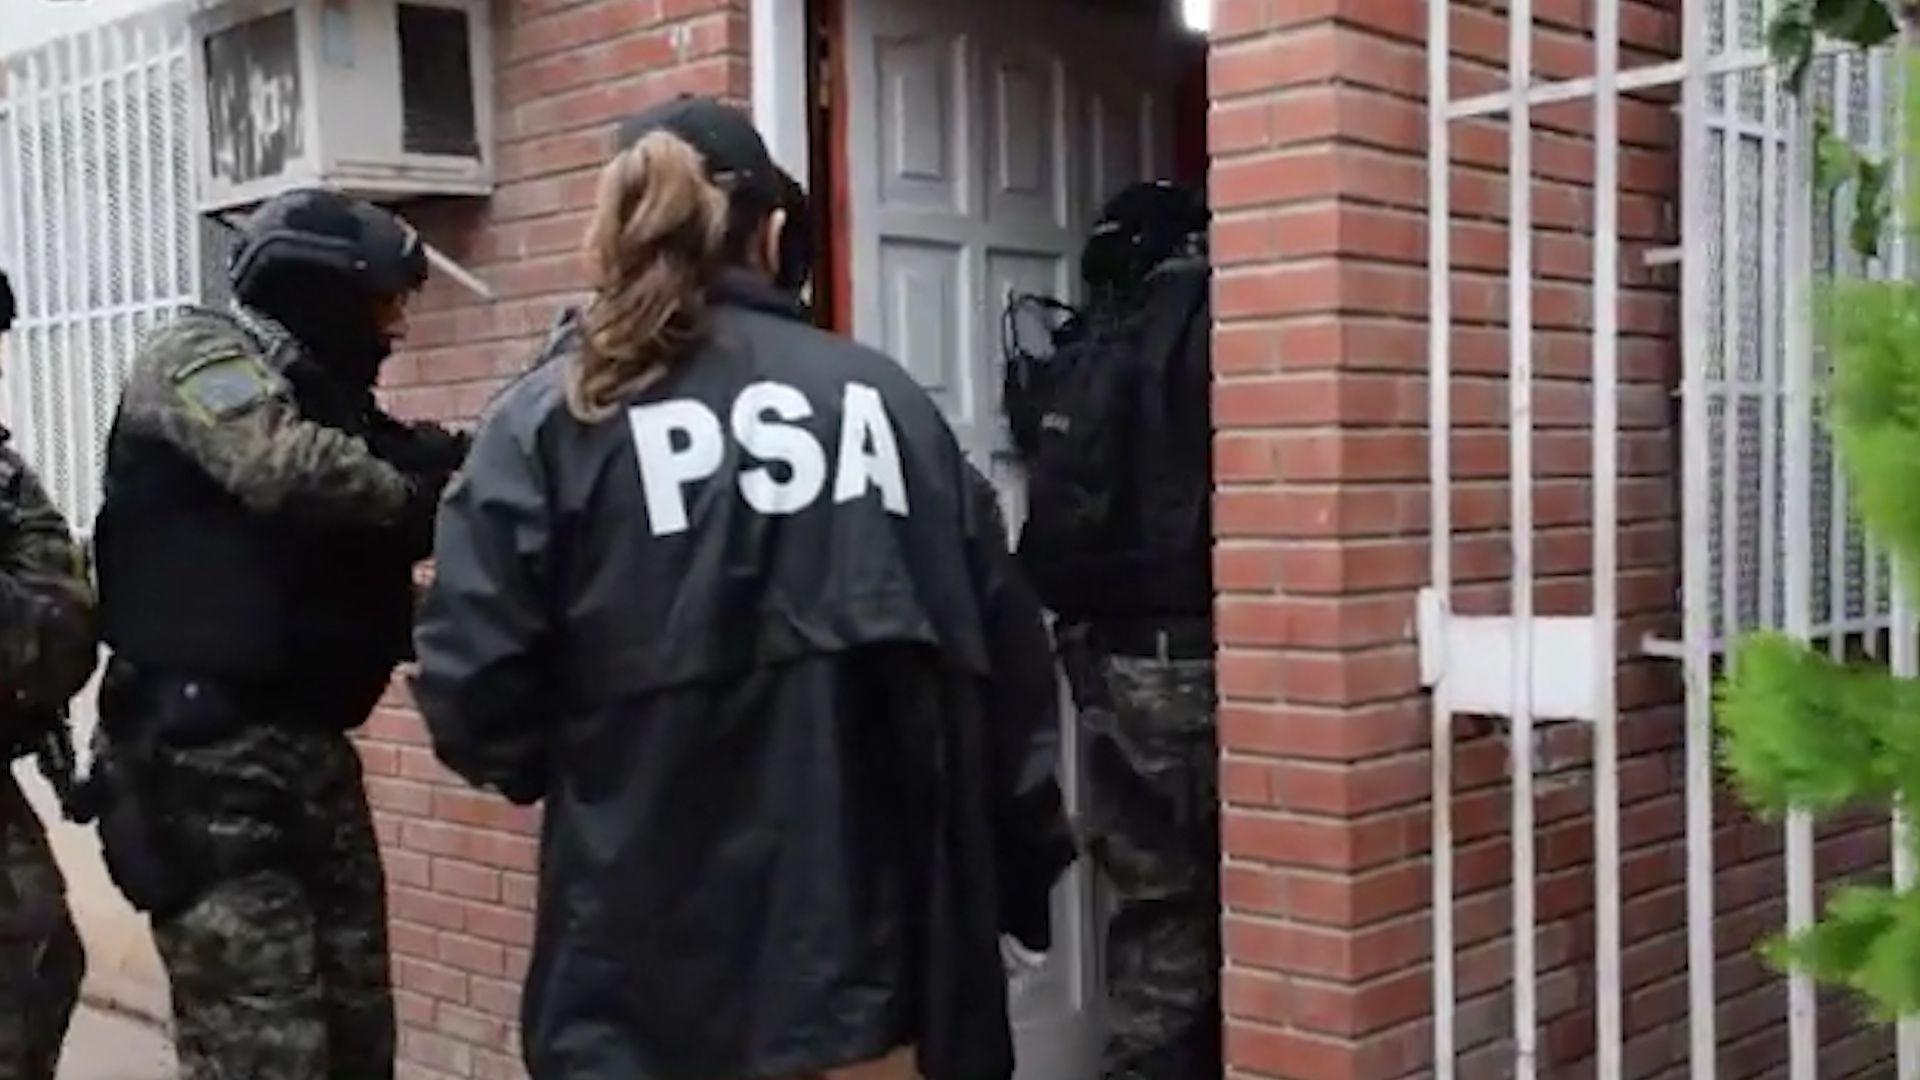 La PSA desbarató una banda que cobraba por tramitar planes sociales